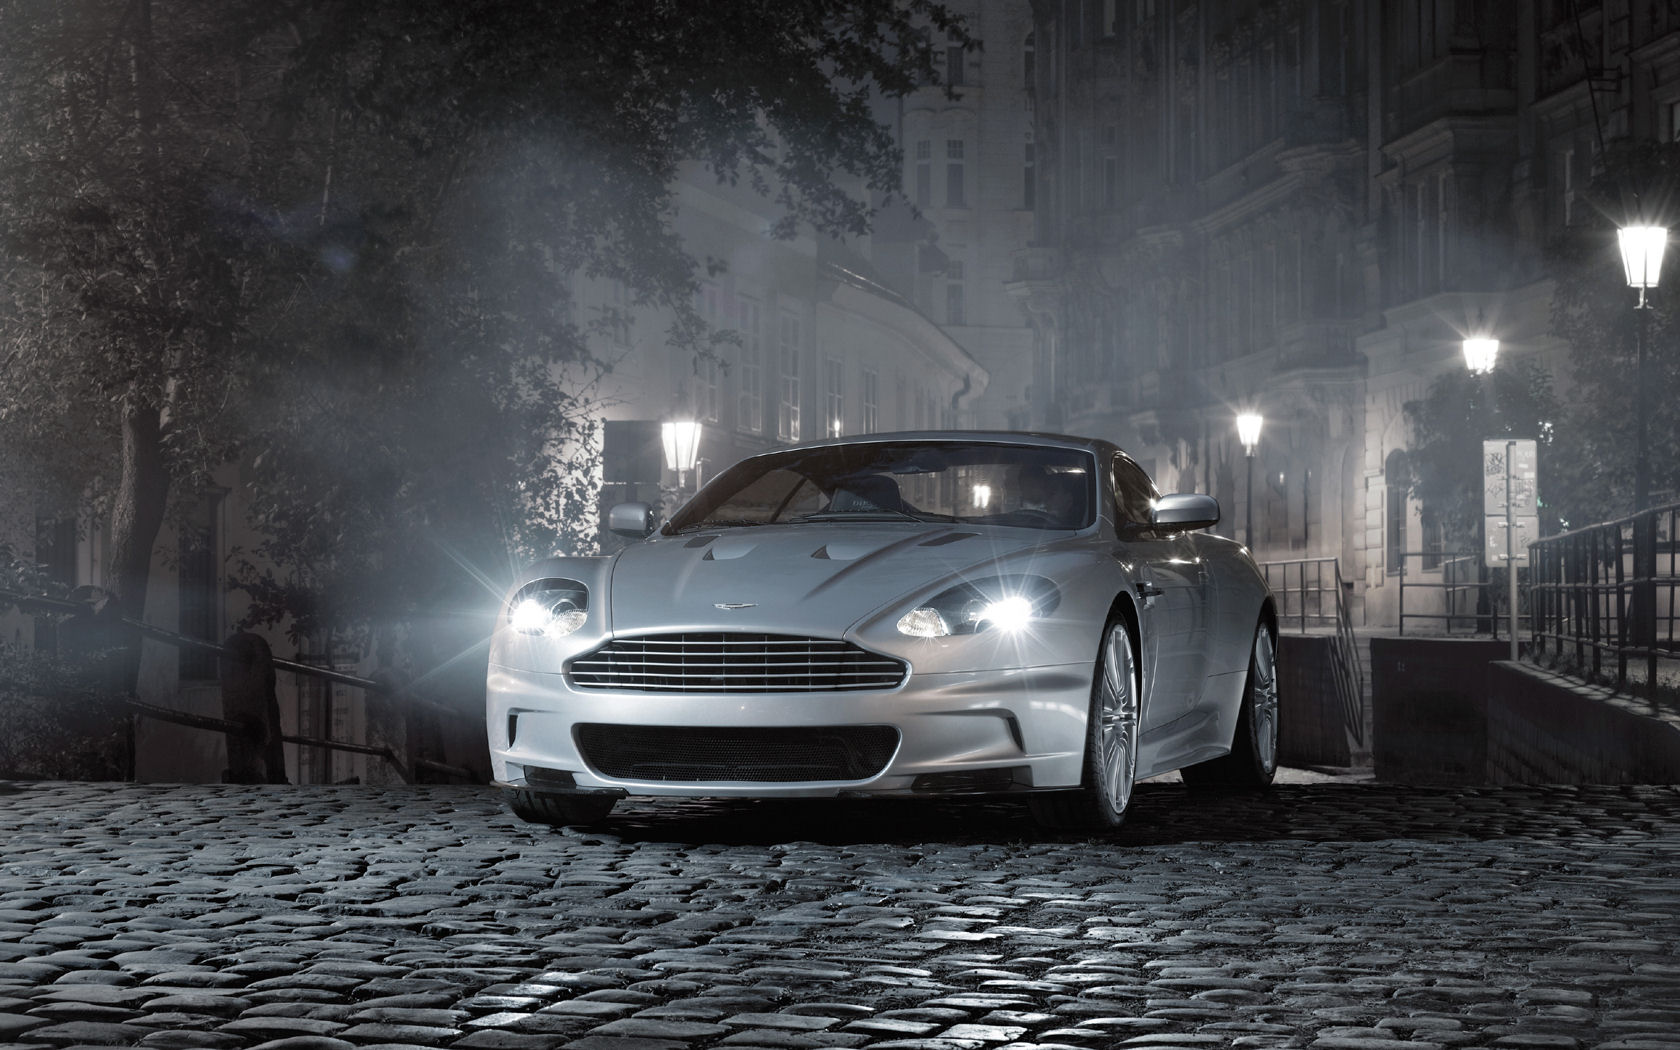 Aston Martin Dbs V12 Coupe Volante Convertible Free